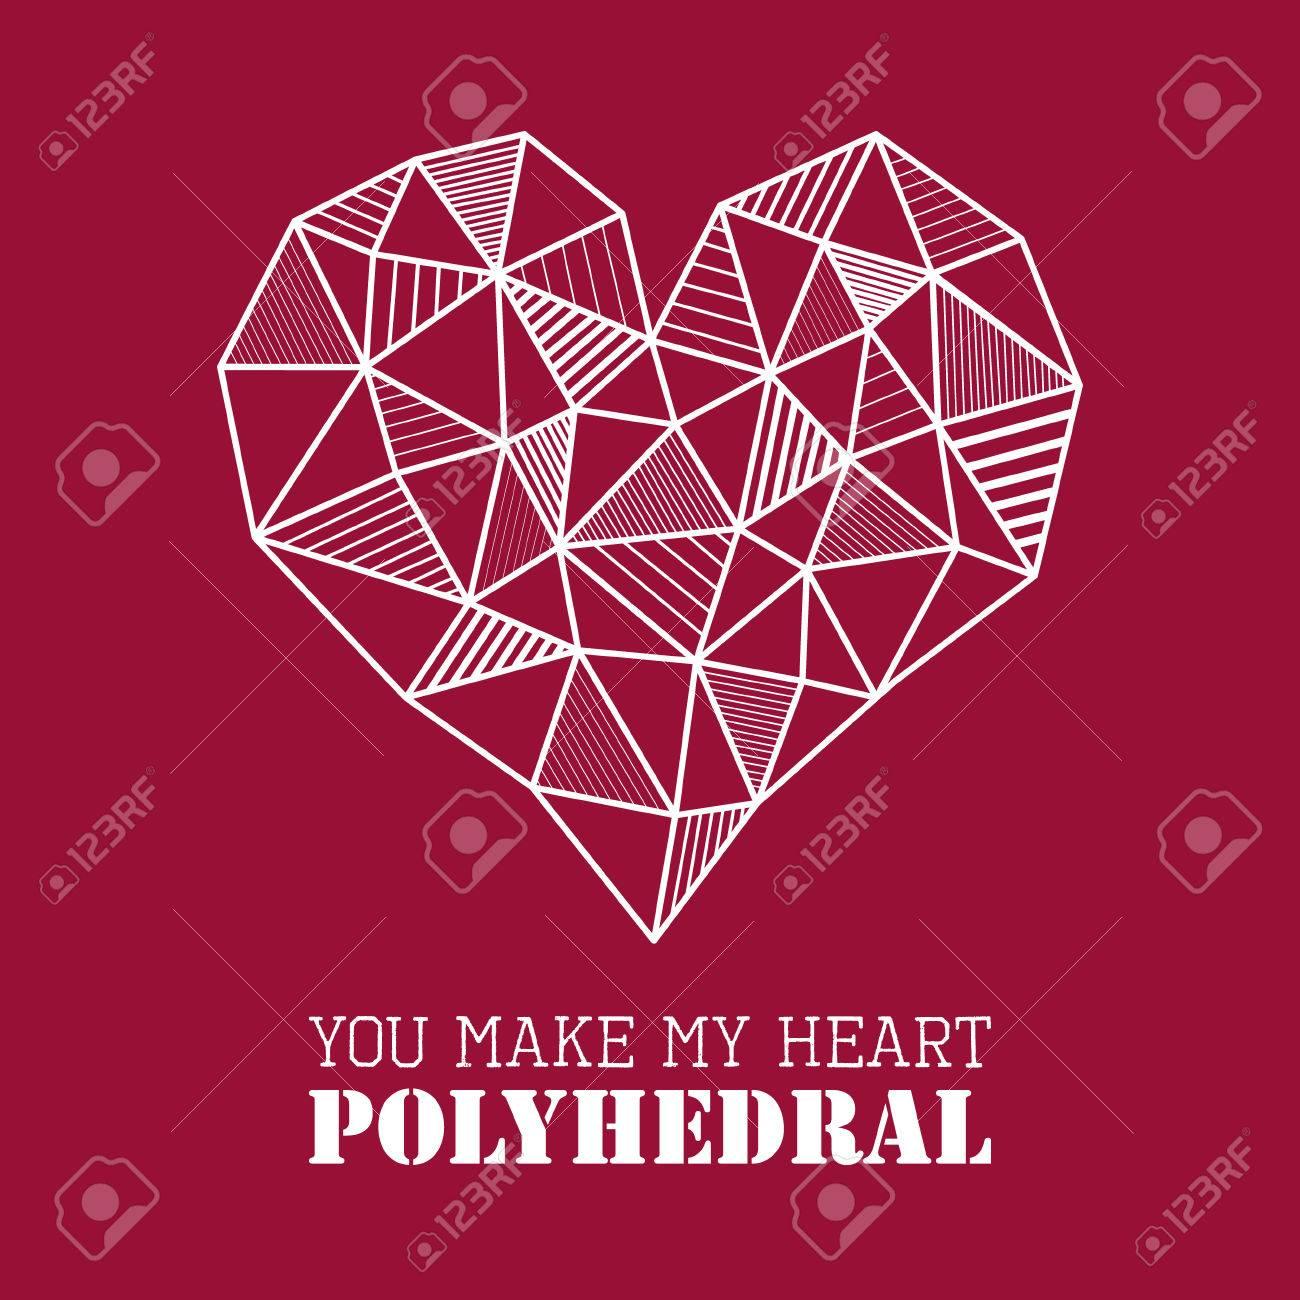 Vector Abstrakte Geometrische Polygonale Weißes Herz Mit Line Design Brut  Auf Marsala Rotem Hintergrund,